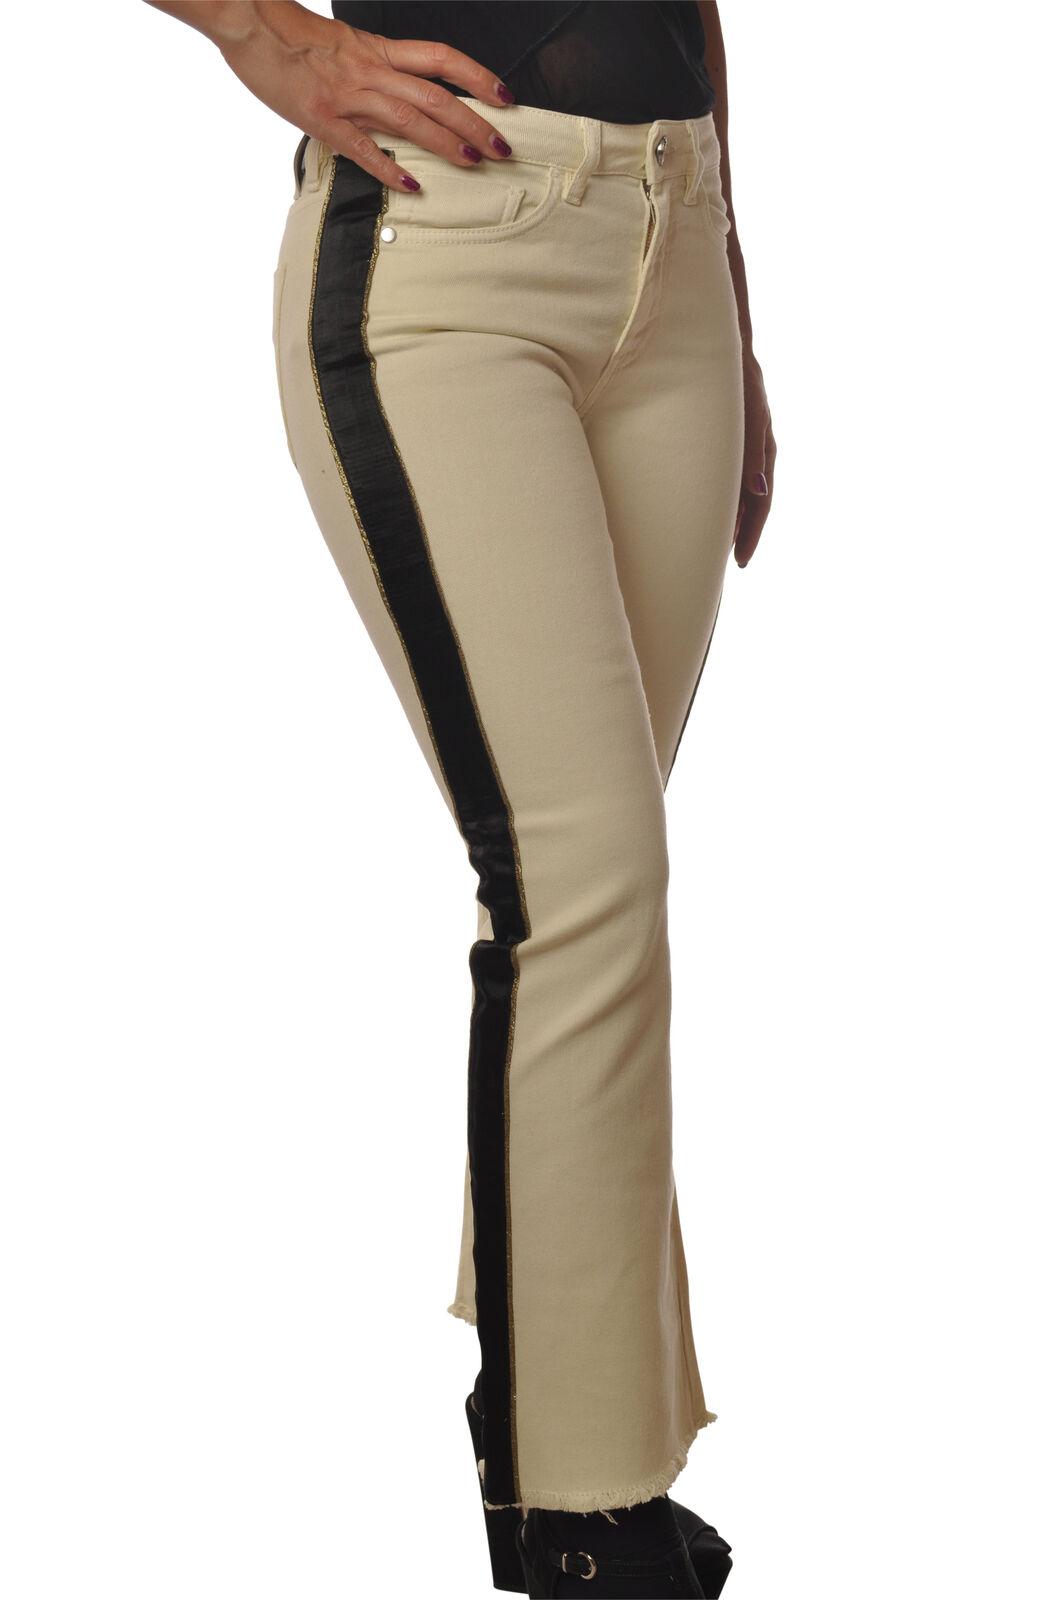 Pinko - Pants-Pants - Woman - White - 5383605M184531